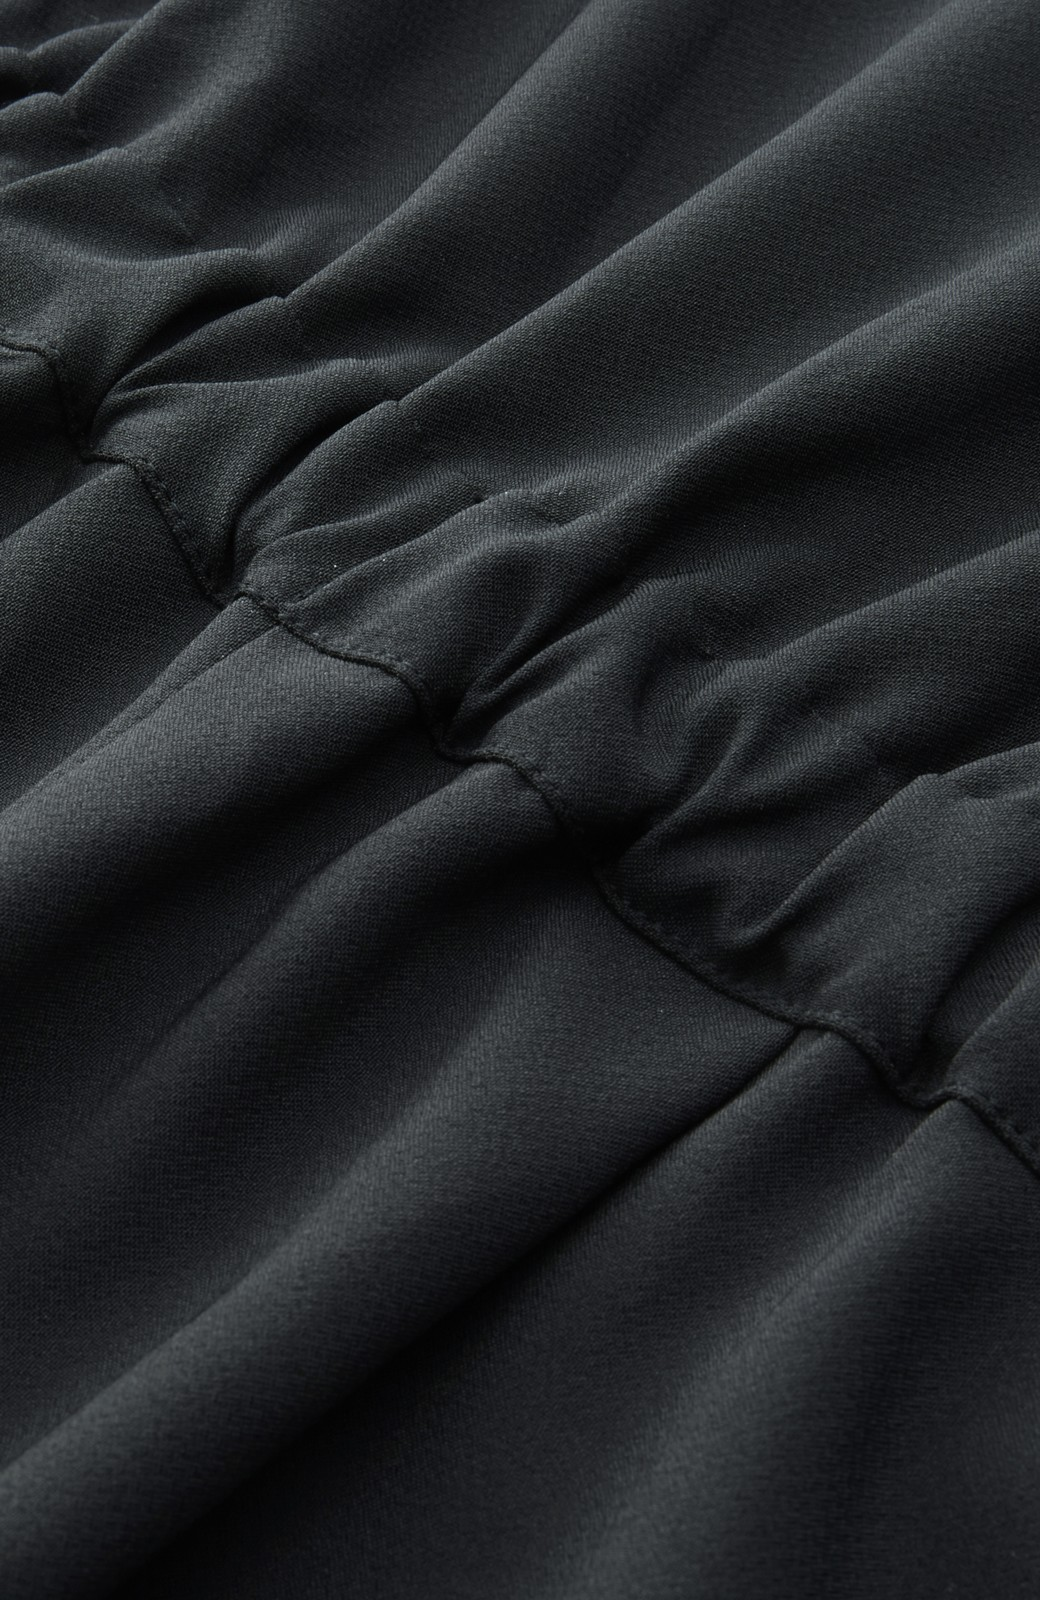 エムトロワ 大人のVネックオールインワン <ブラック>の商品写真2